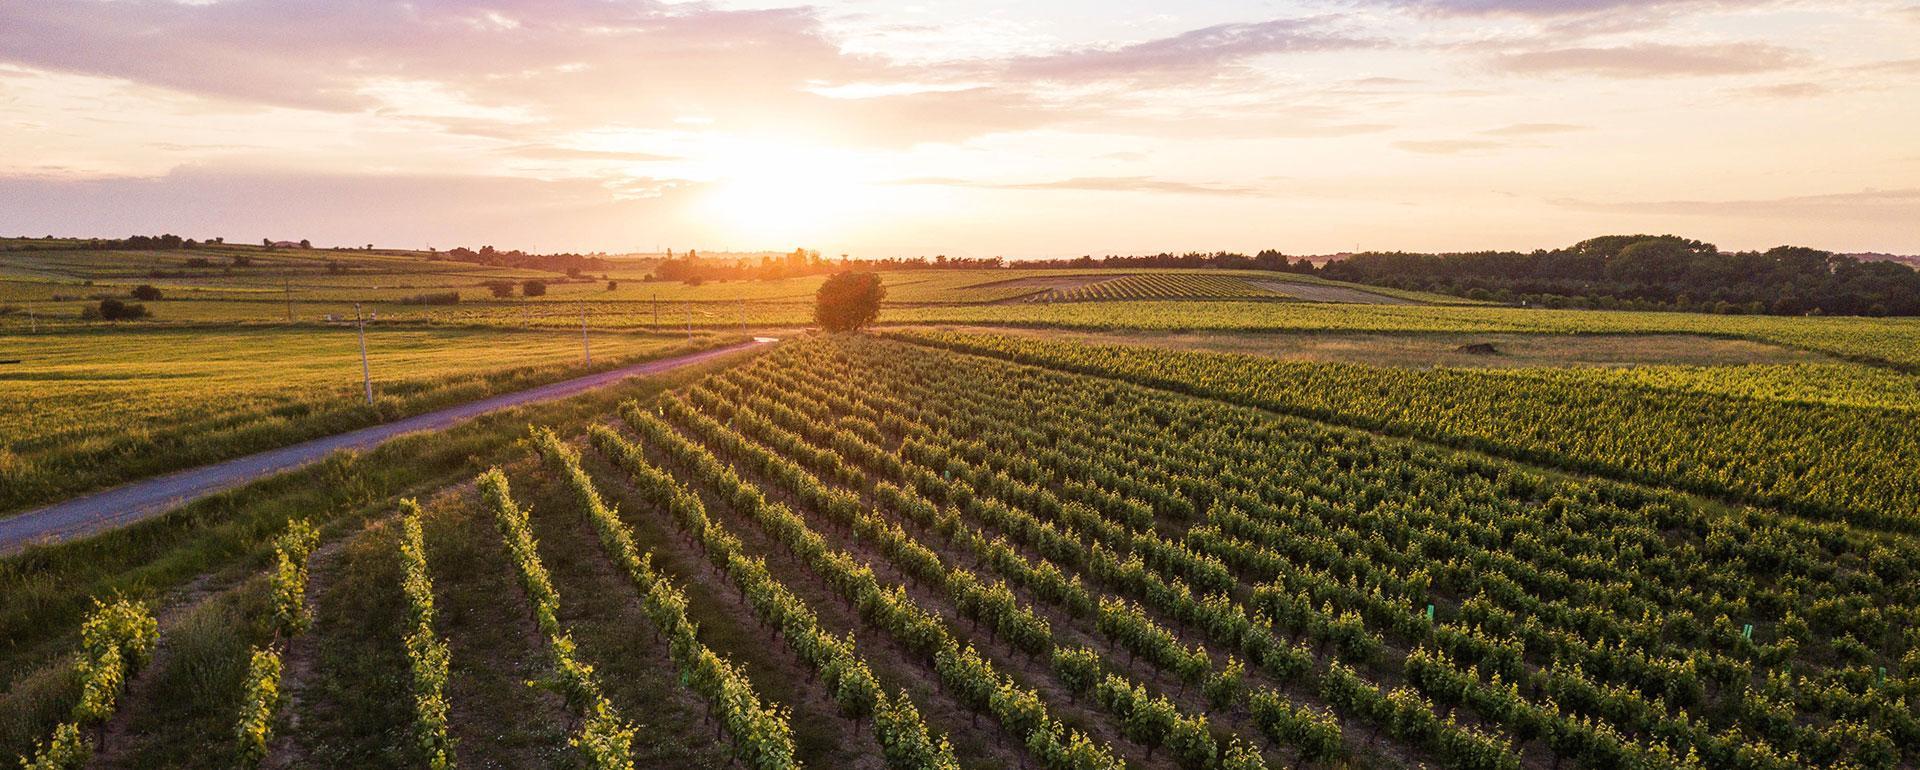 Vue sur le Domaine viticole - Domaine Tarbouriech